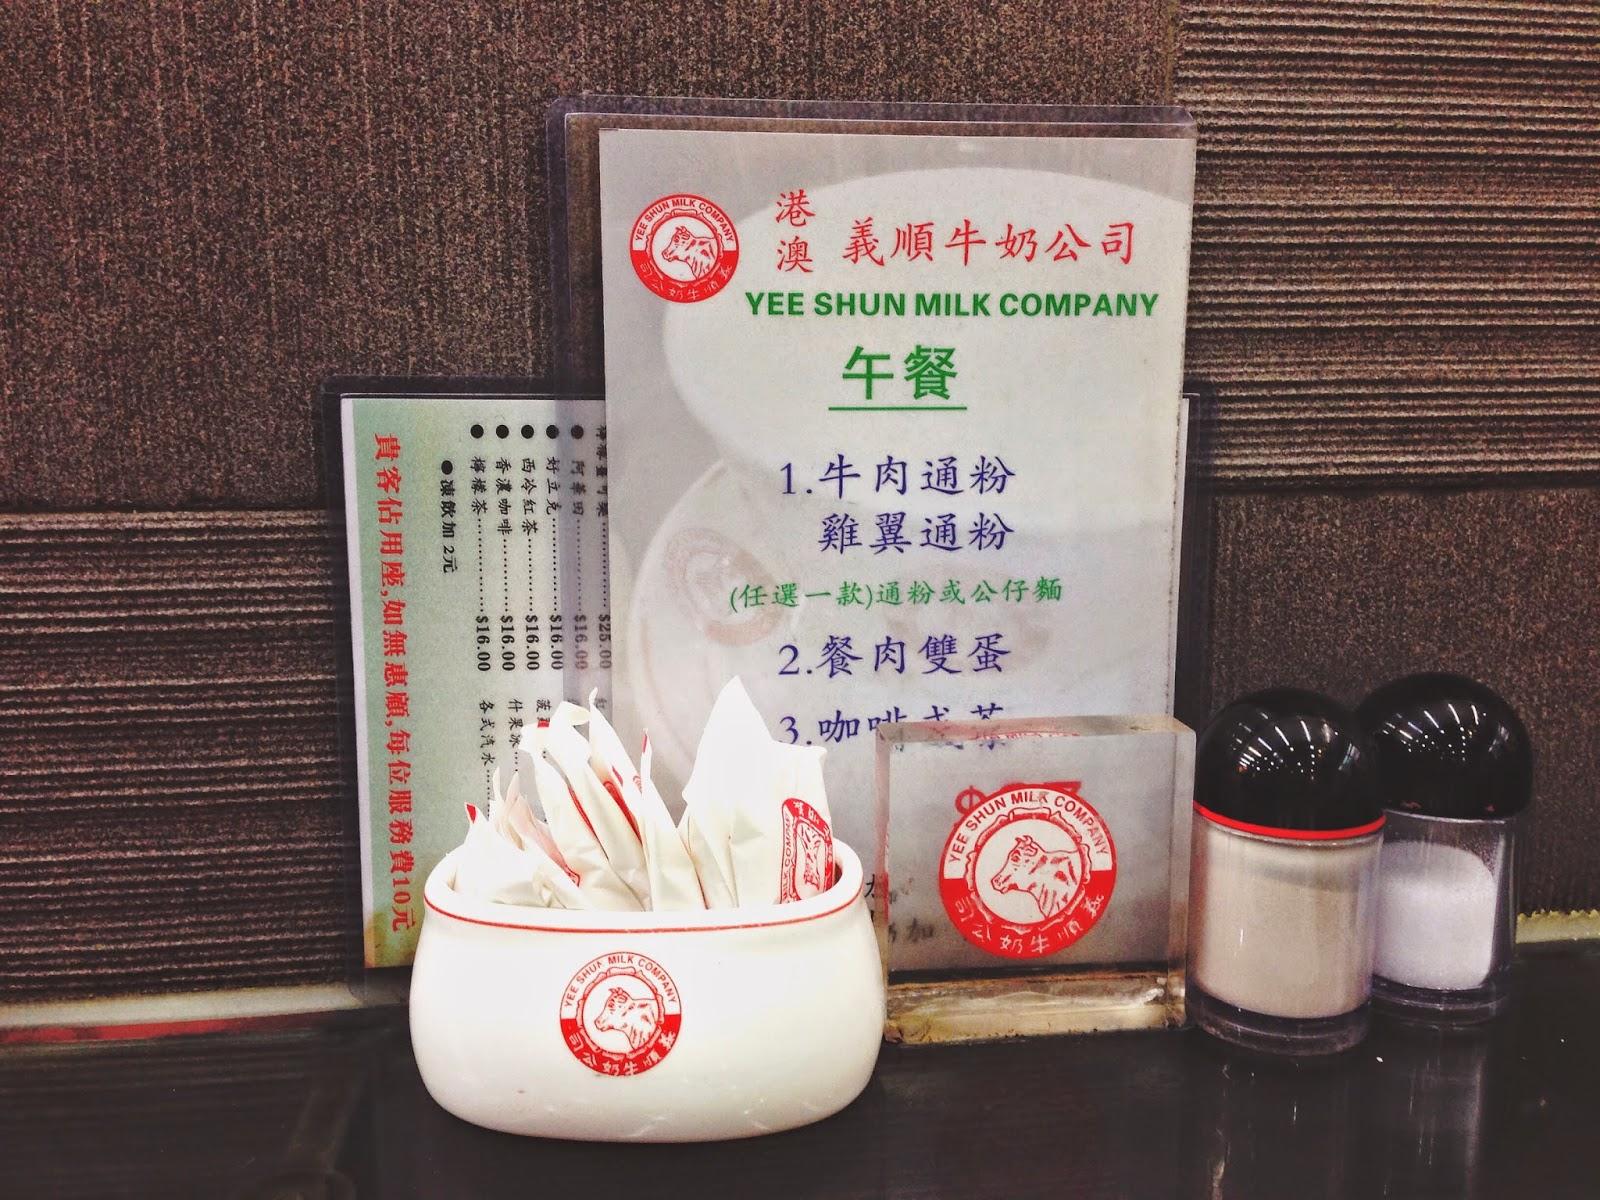 Yee Shun Milk Company Menu